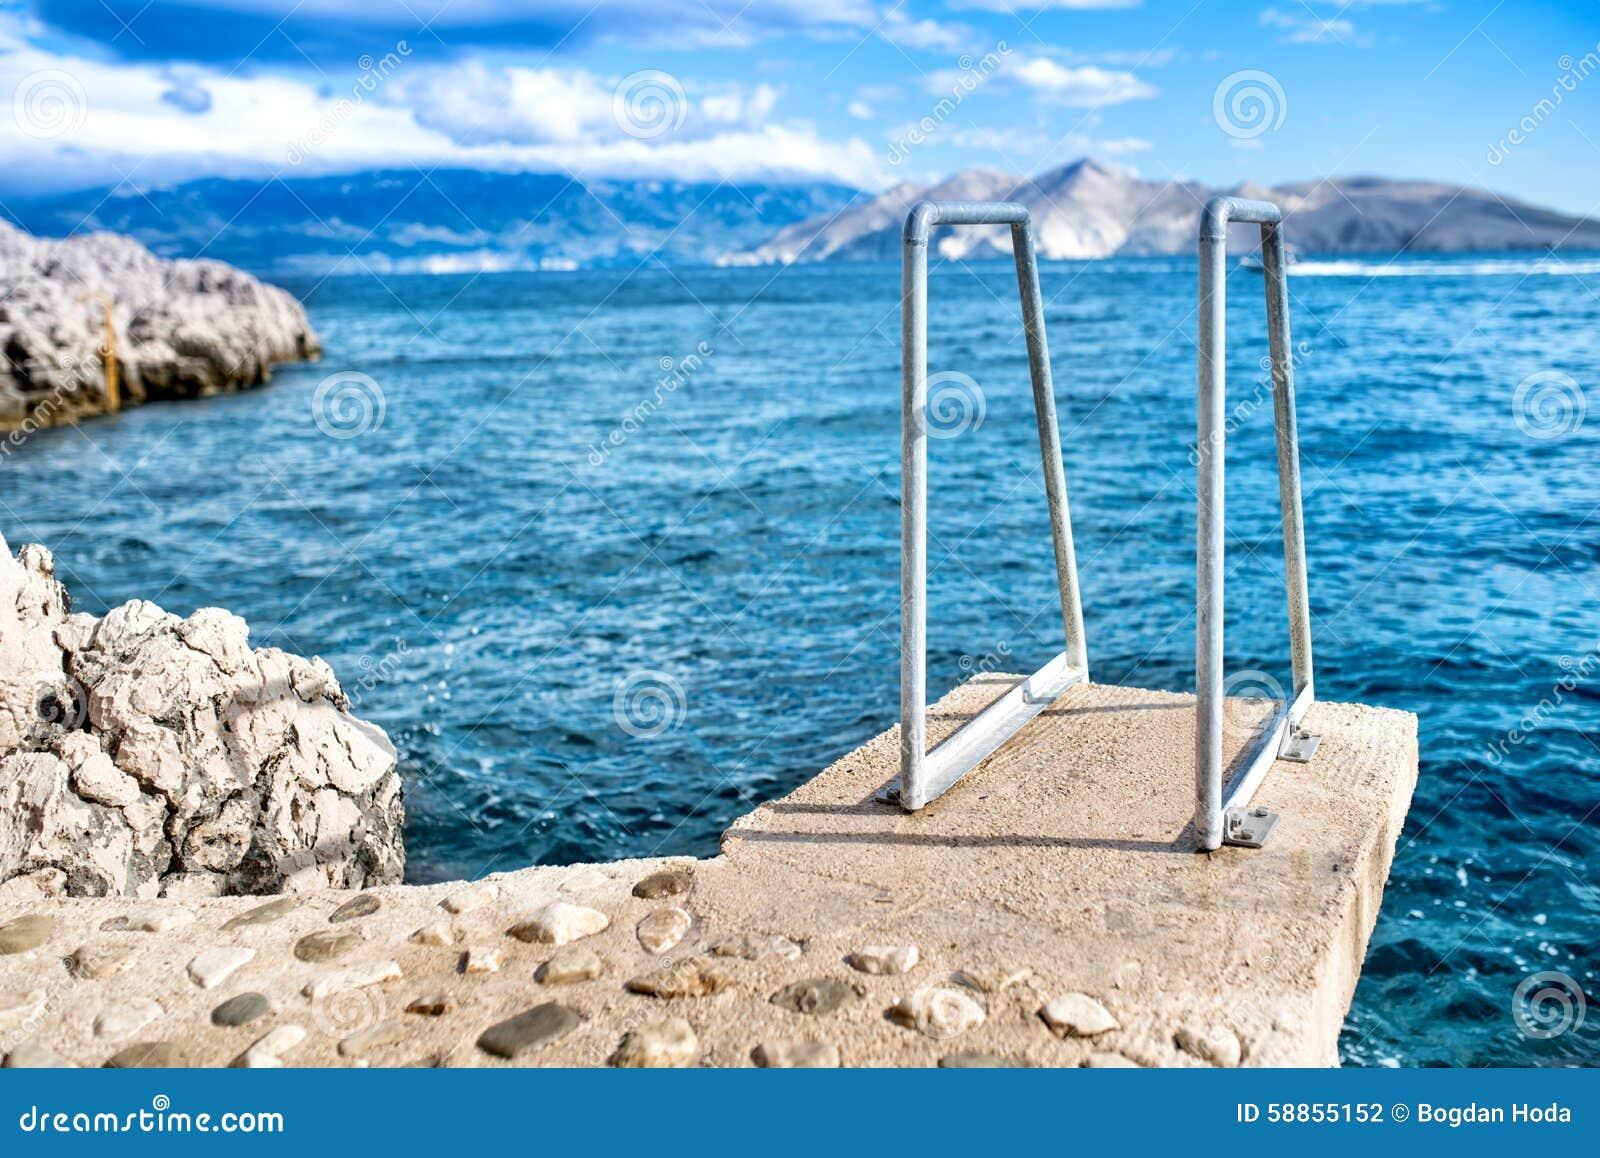 El cielo azul y el agua clara, el horizonte de mar y las rocas en la isla wallpaper